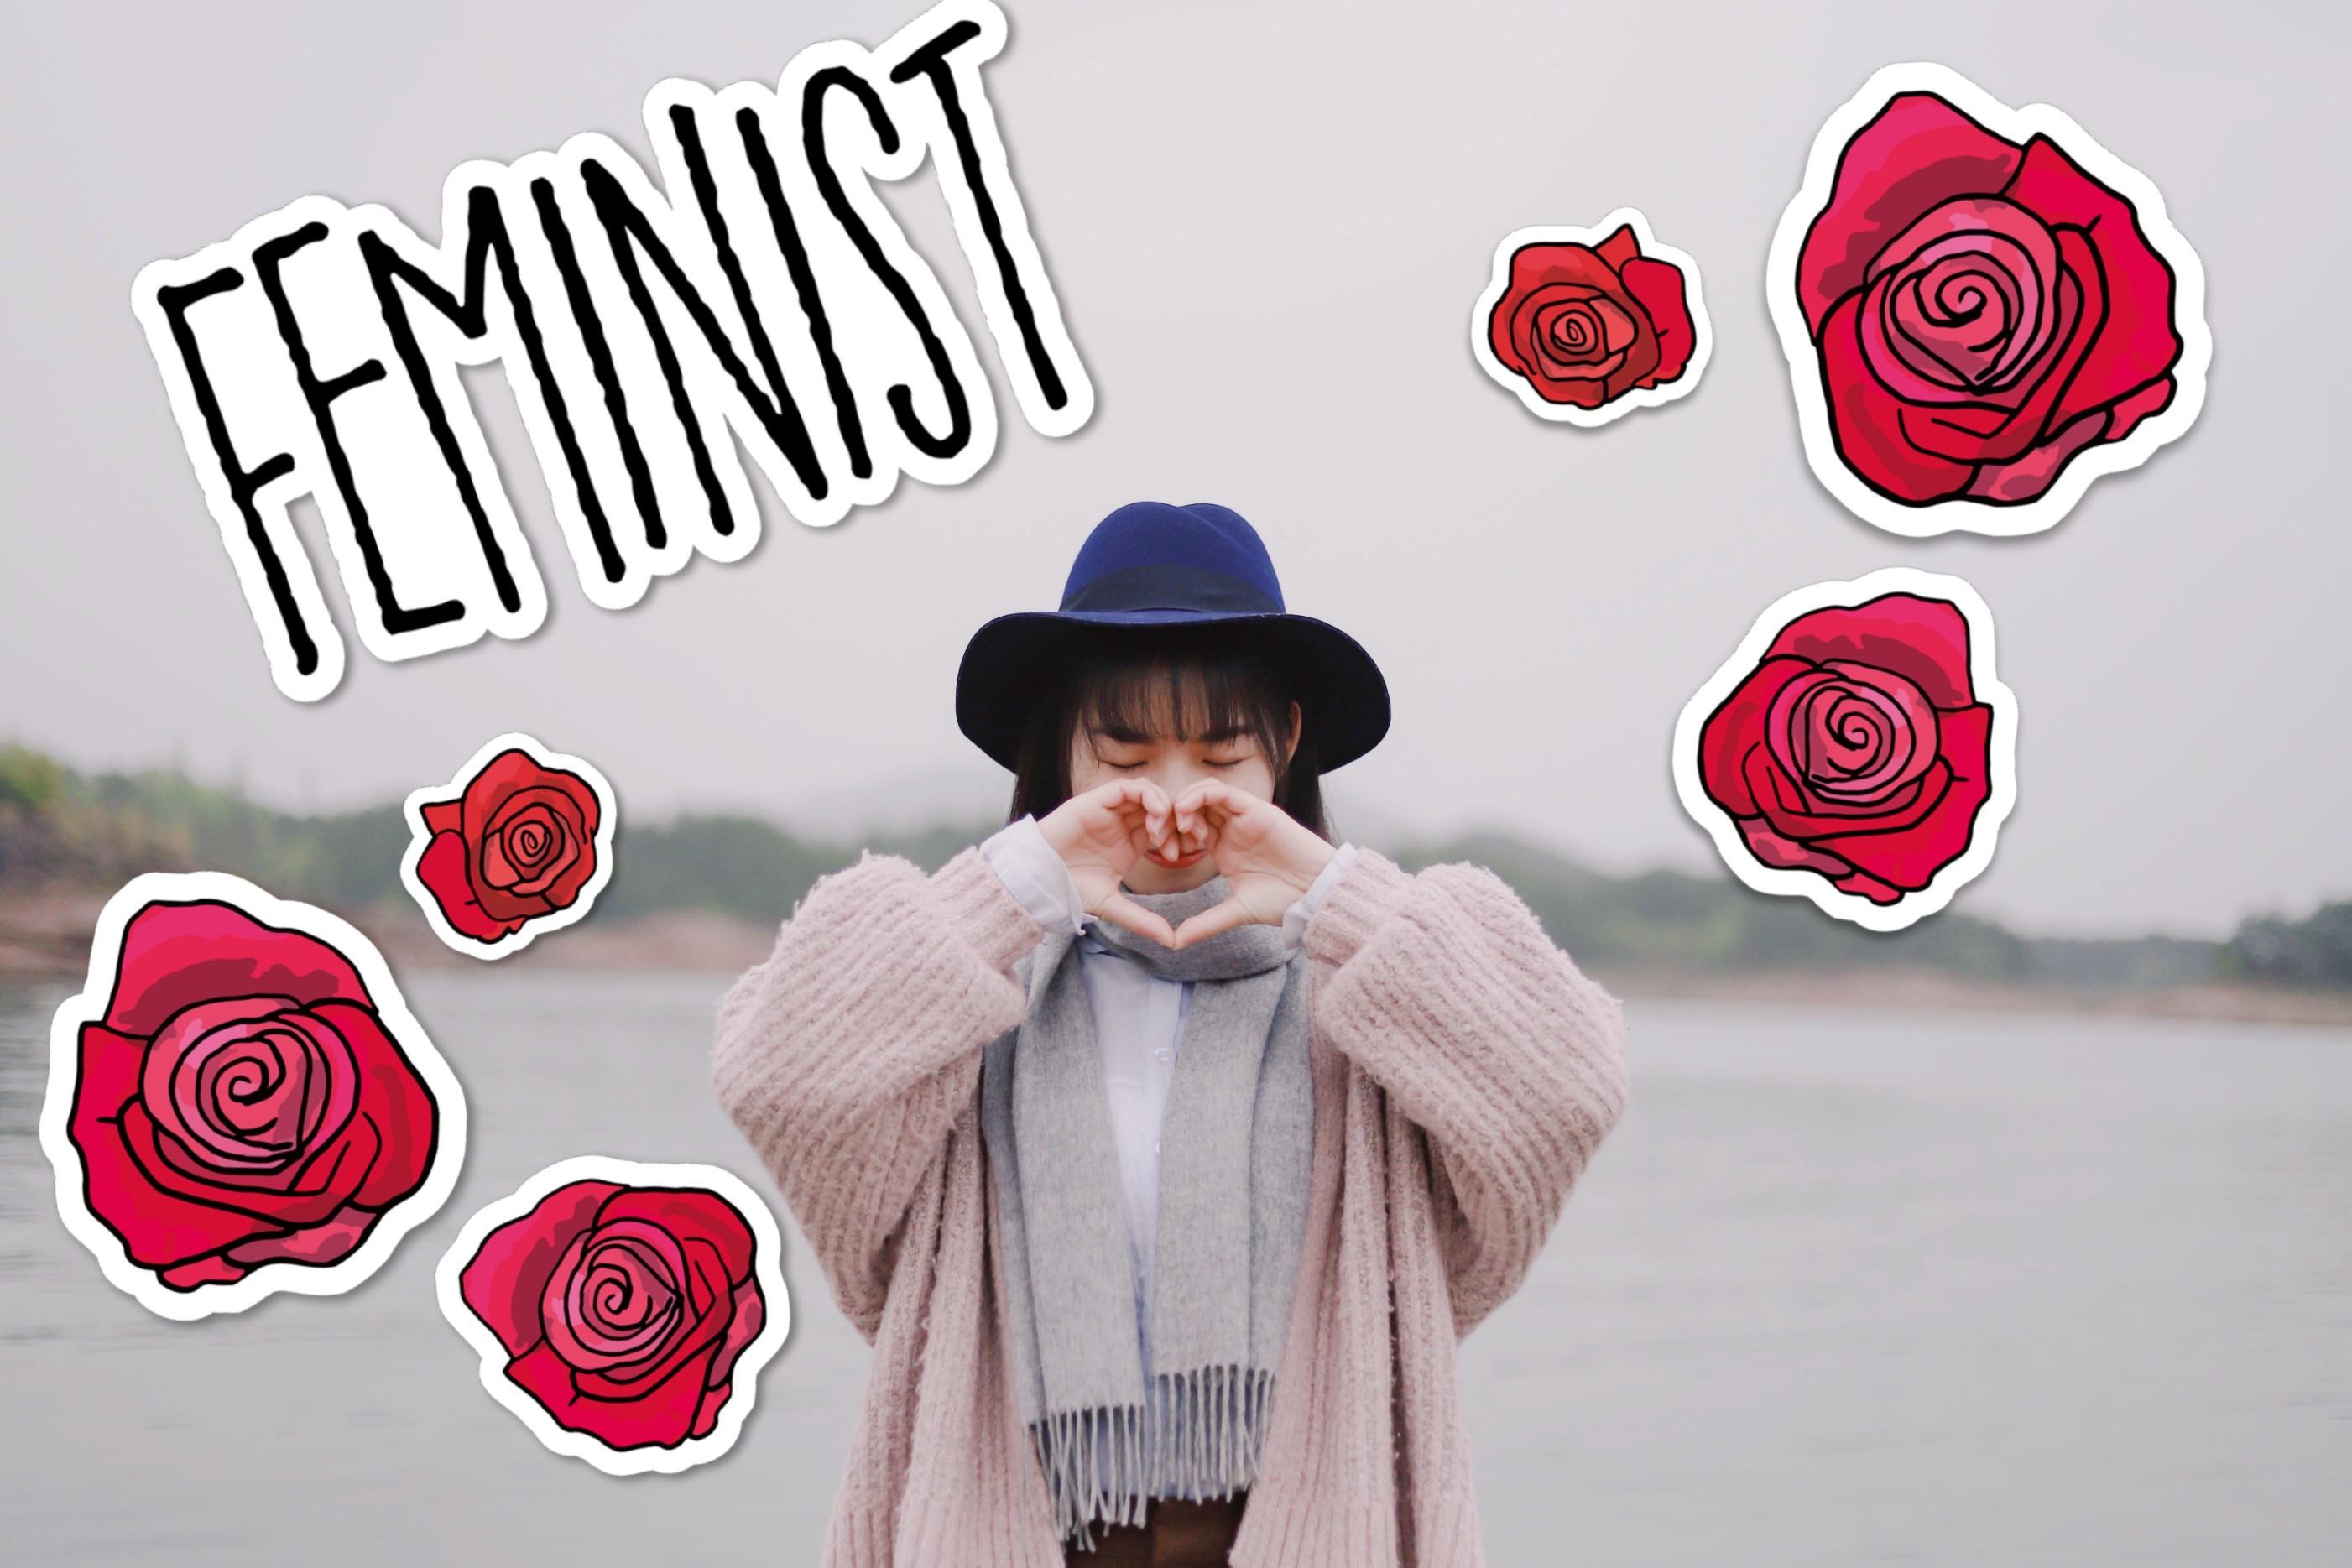 #freetoedit #feminist